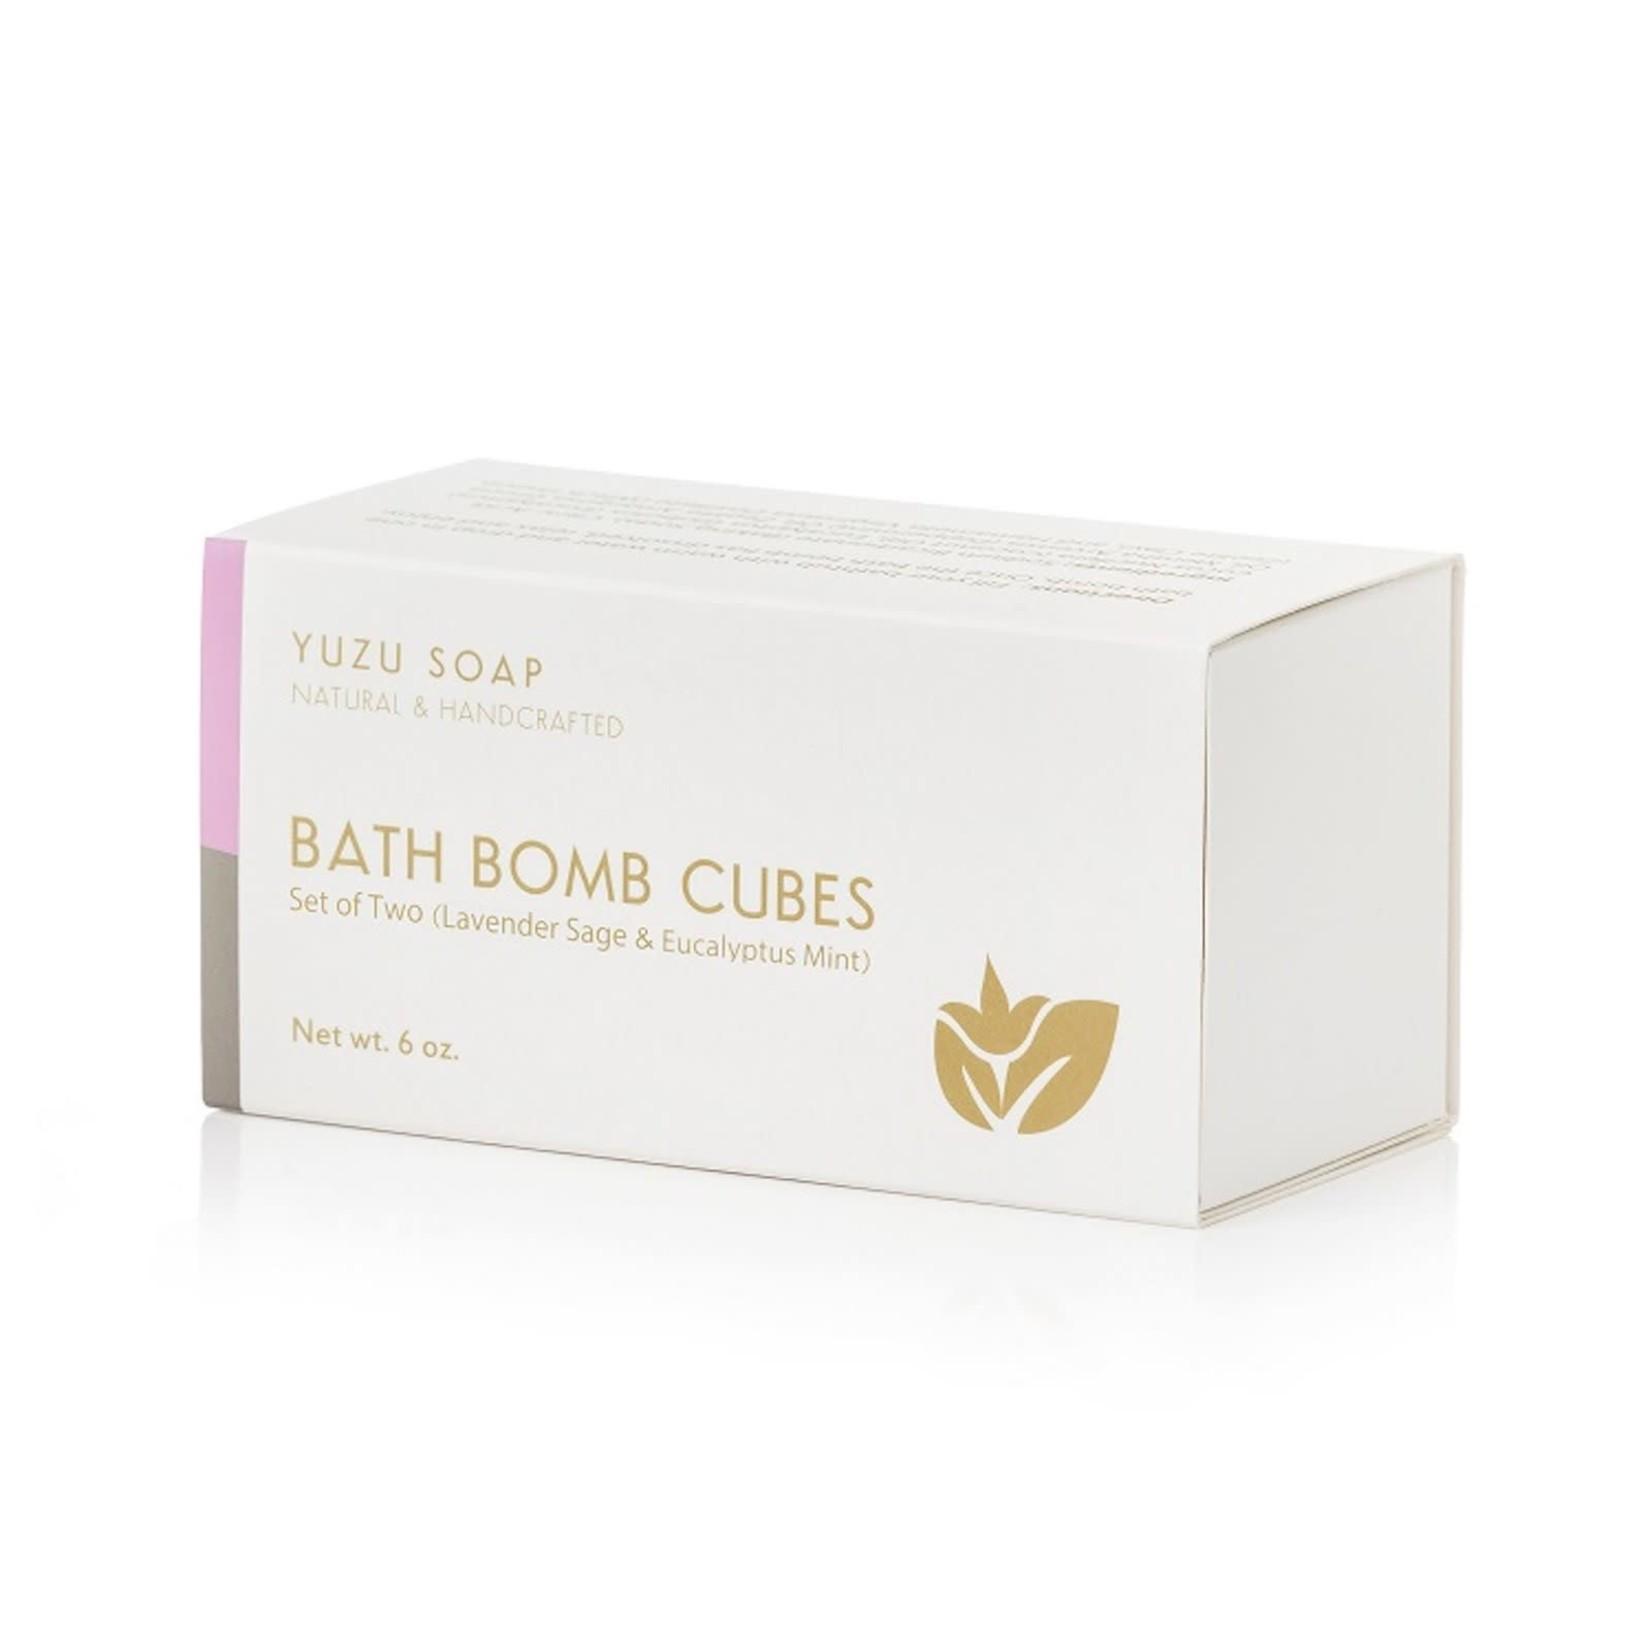 Lavender Sage & Eucalyptus Mint Bath Bomb Cubes